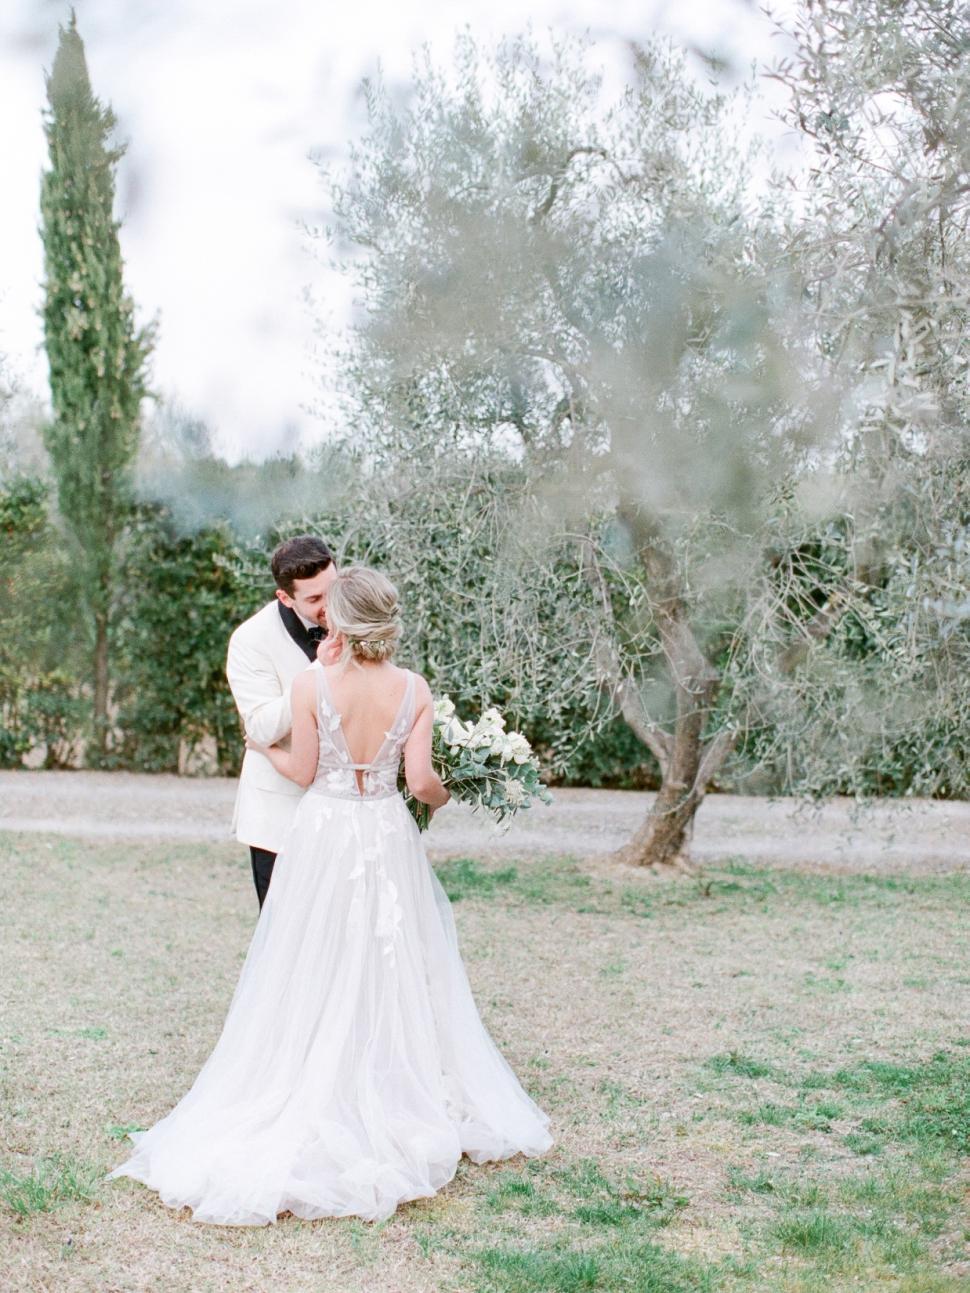 Tuscany-Destination-Wedding-Photographer-Cassi-Claire-Borgo-Petrognano-Florence-Wedding-20.jpg